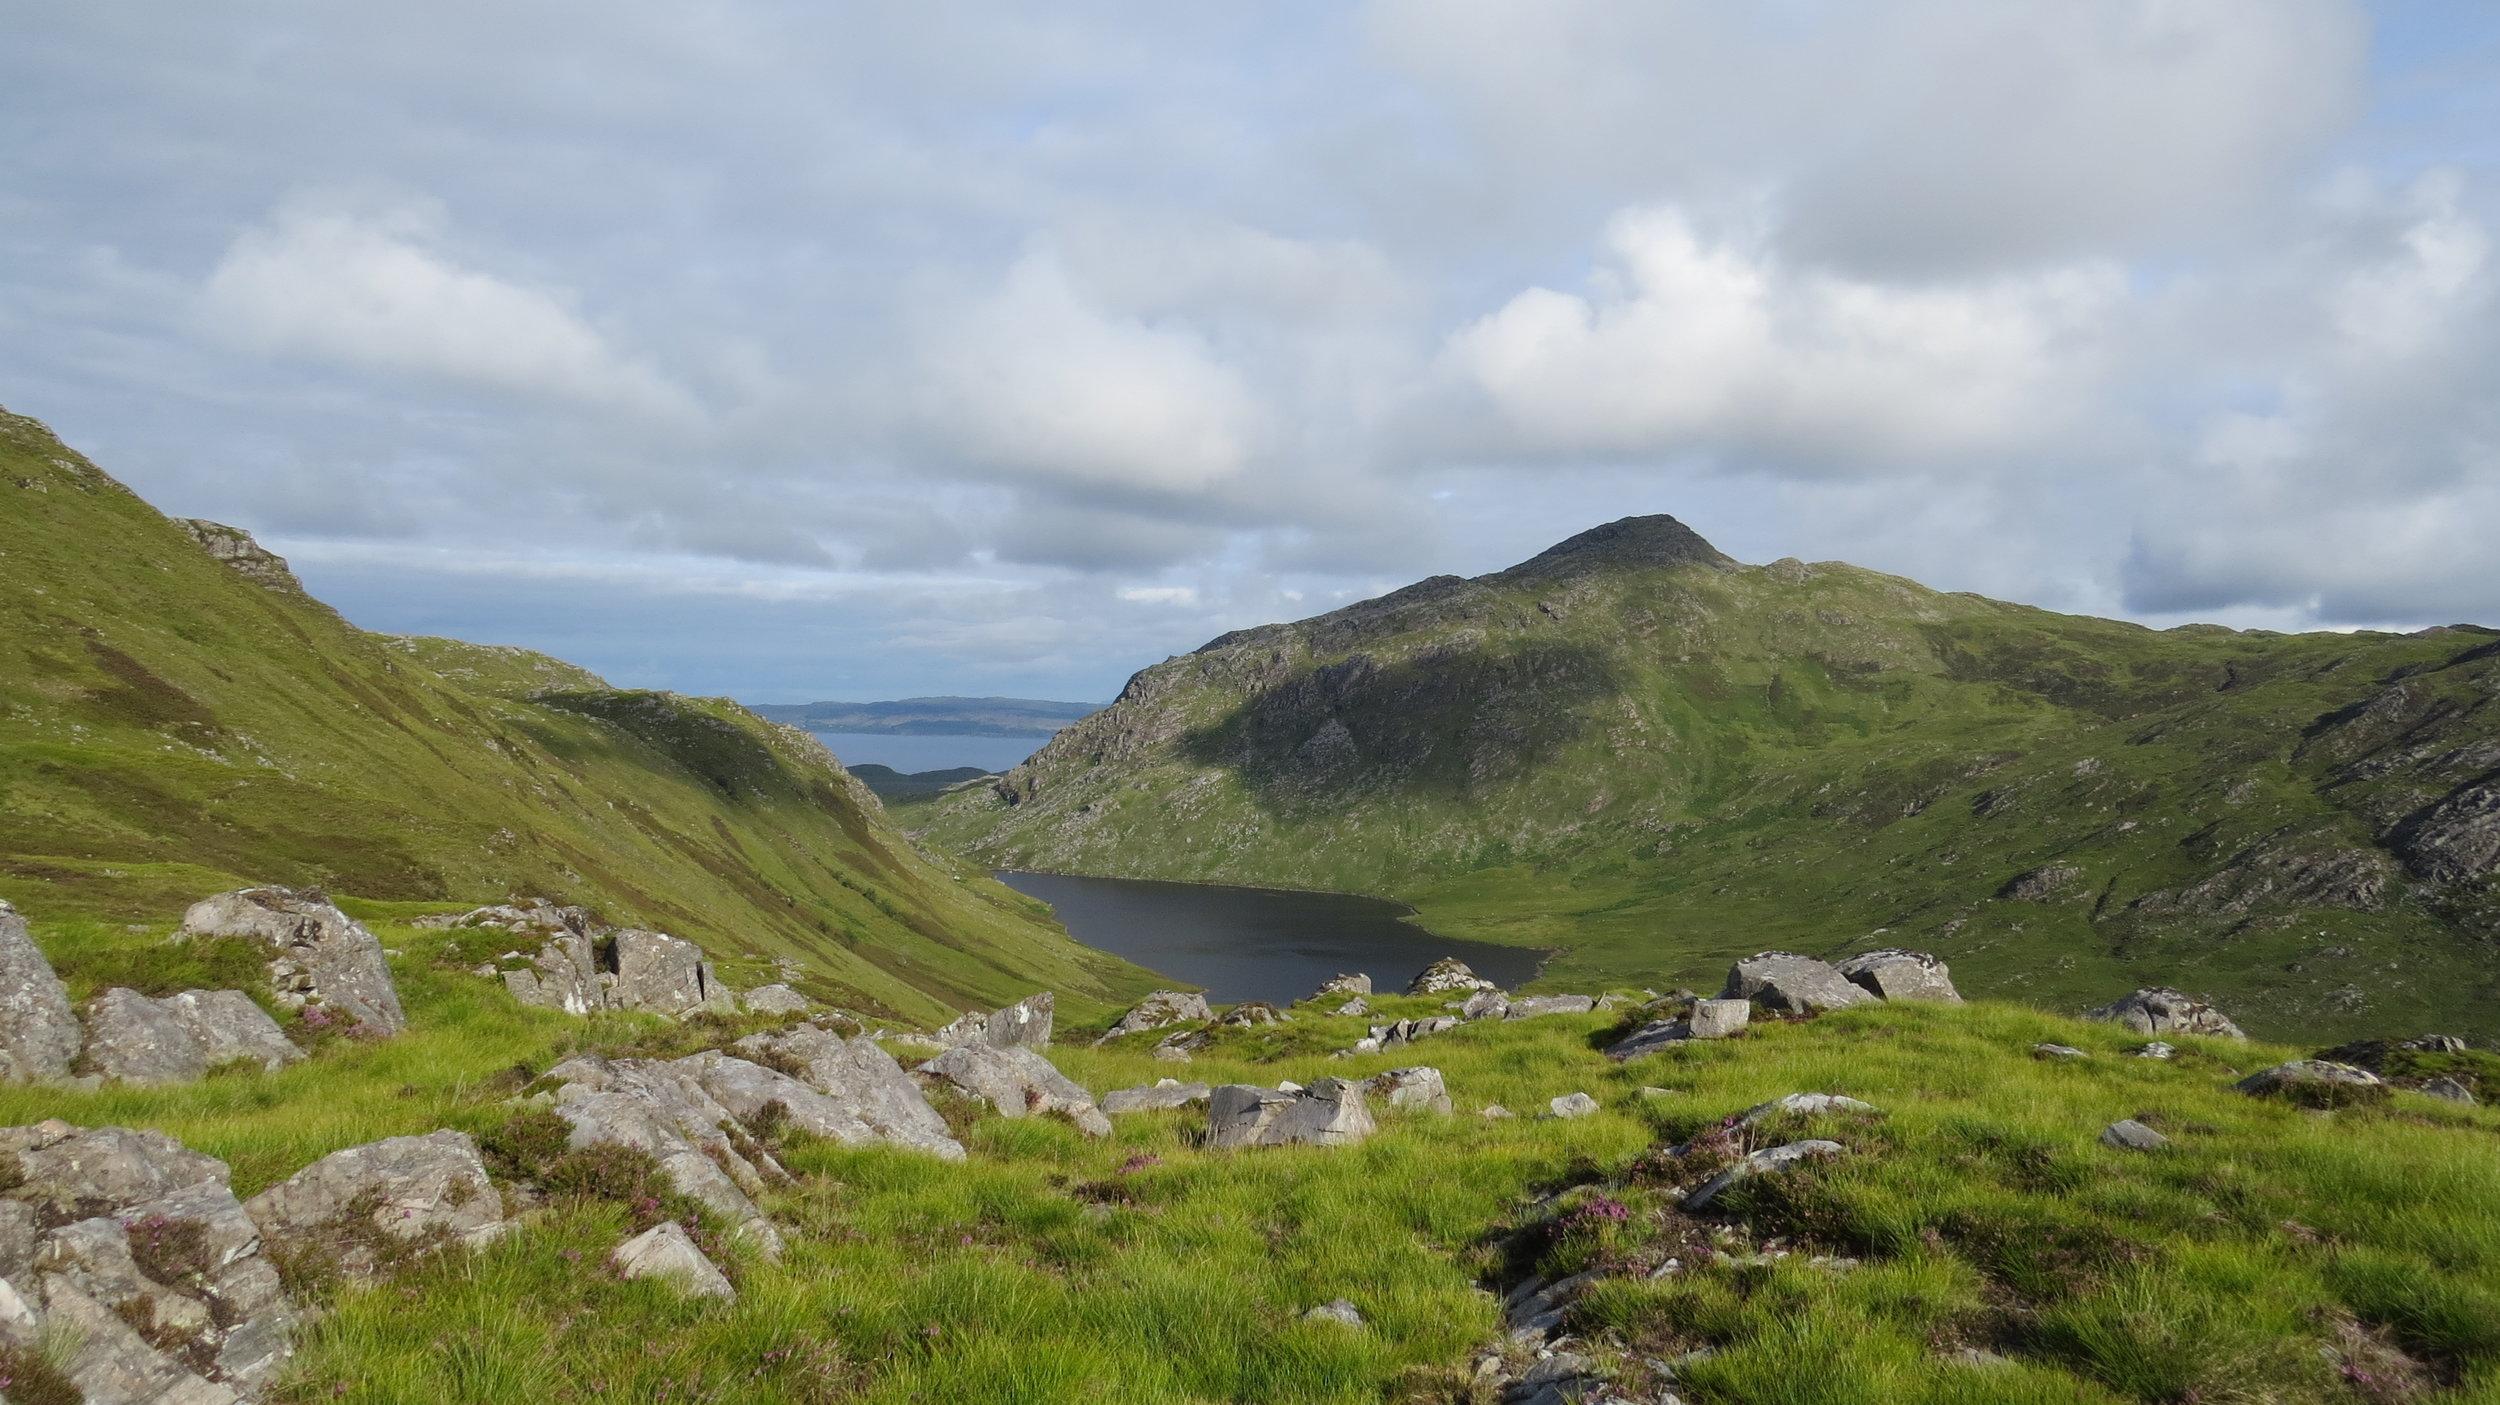 Looking back to Loch Eireagoraidh